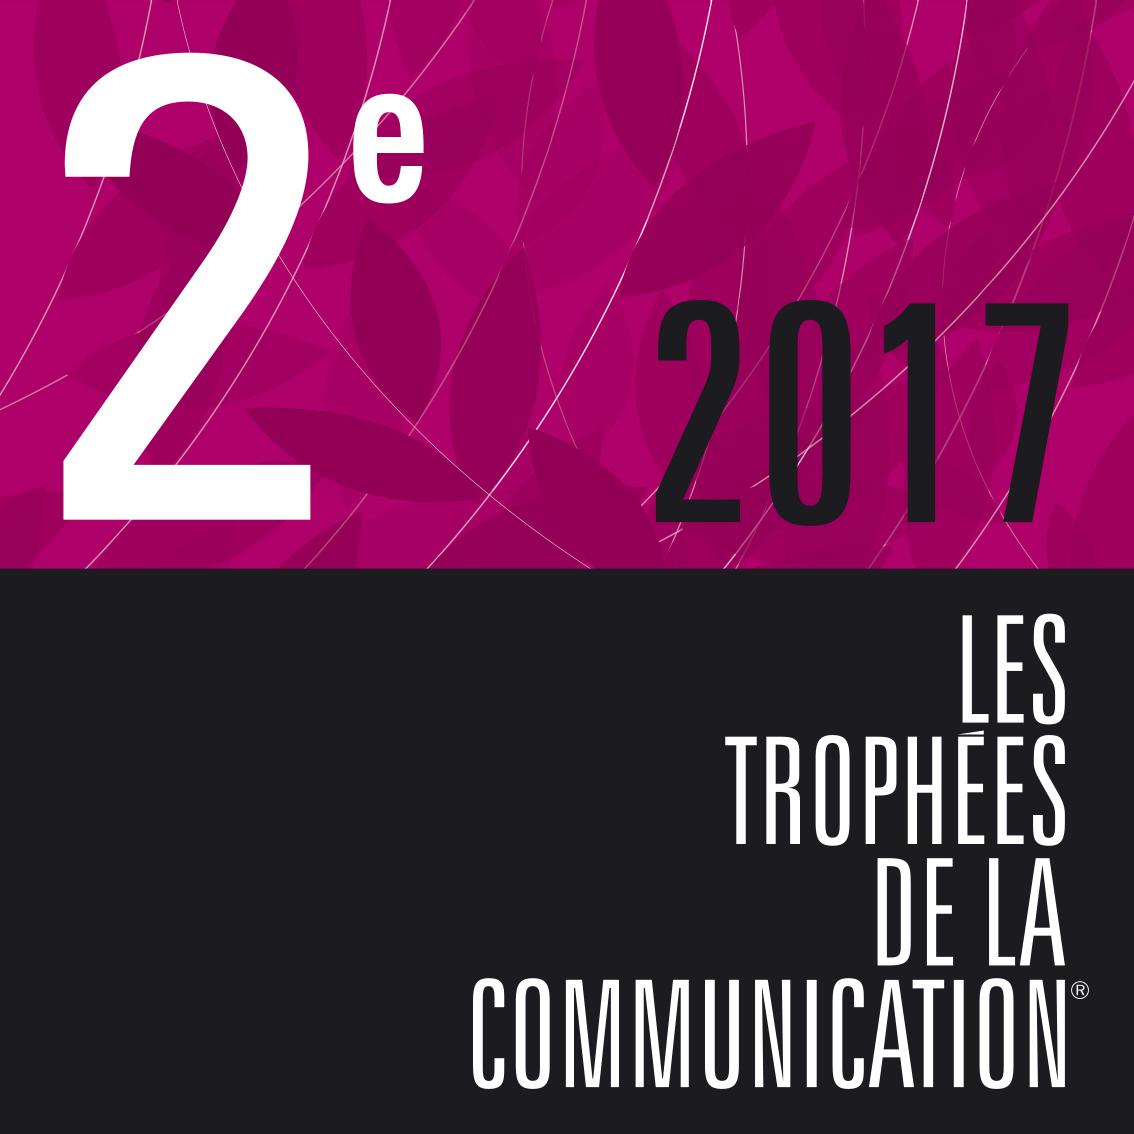 Visuel de la 2e place 2017 des trophées de la communication